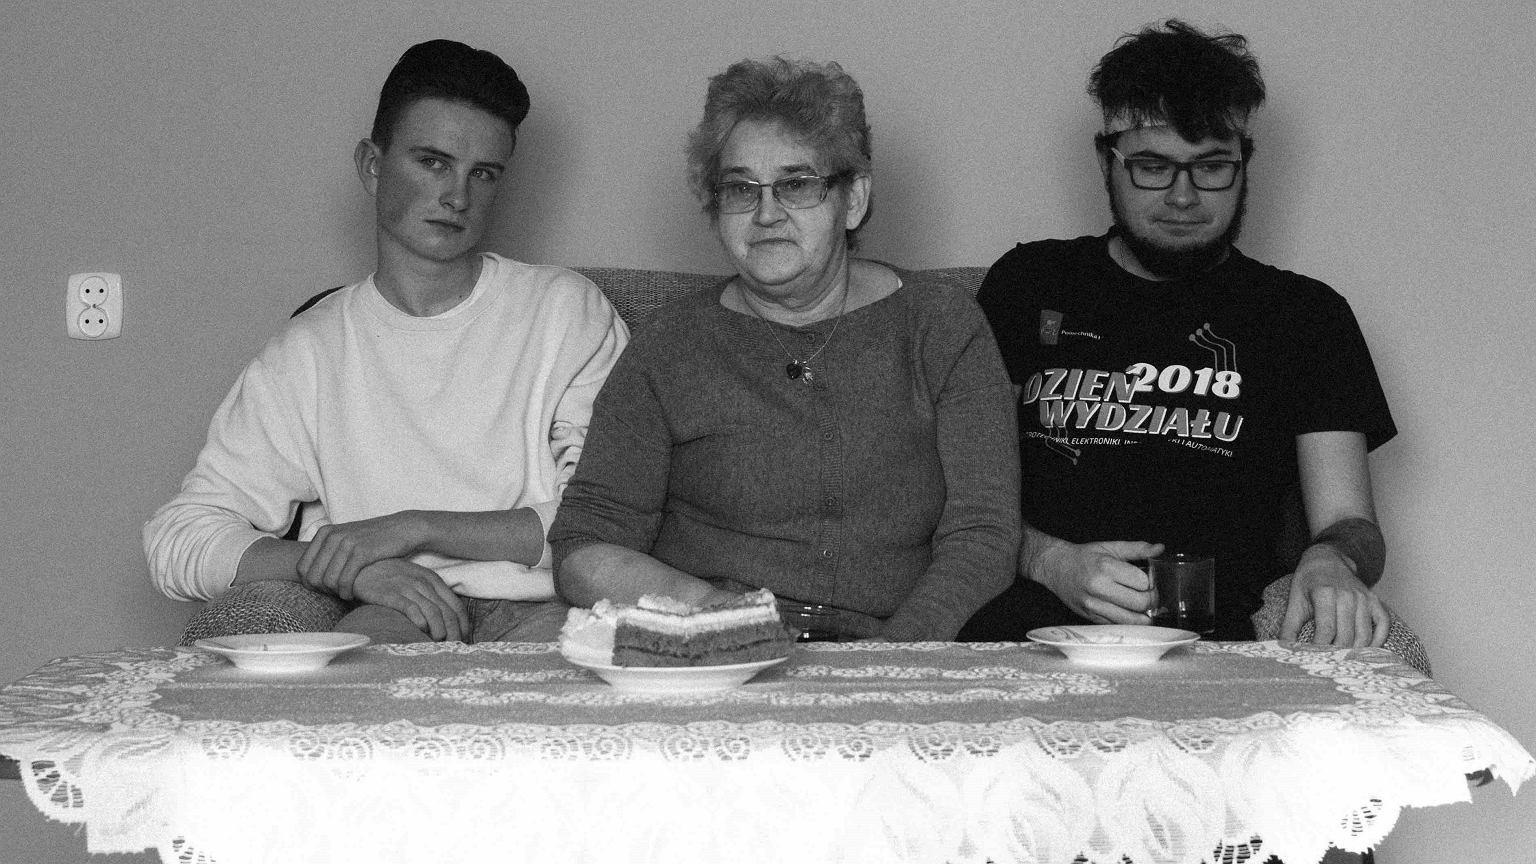 Synowie Małgorzaty Kowalczyk, Hubert i Tomasz, z babcią